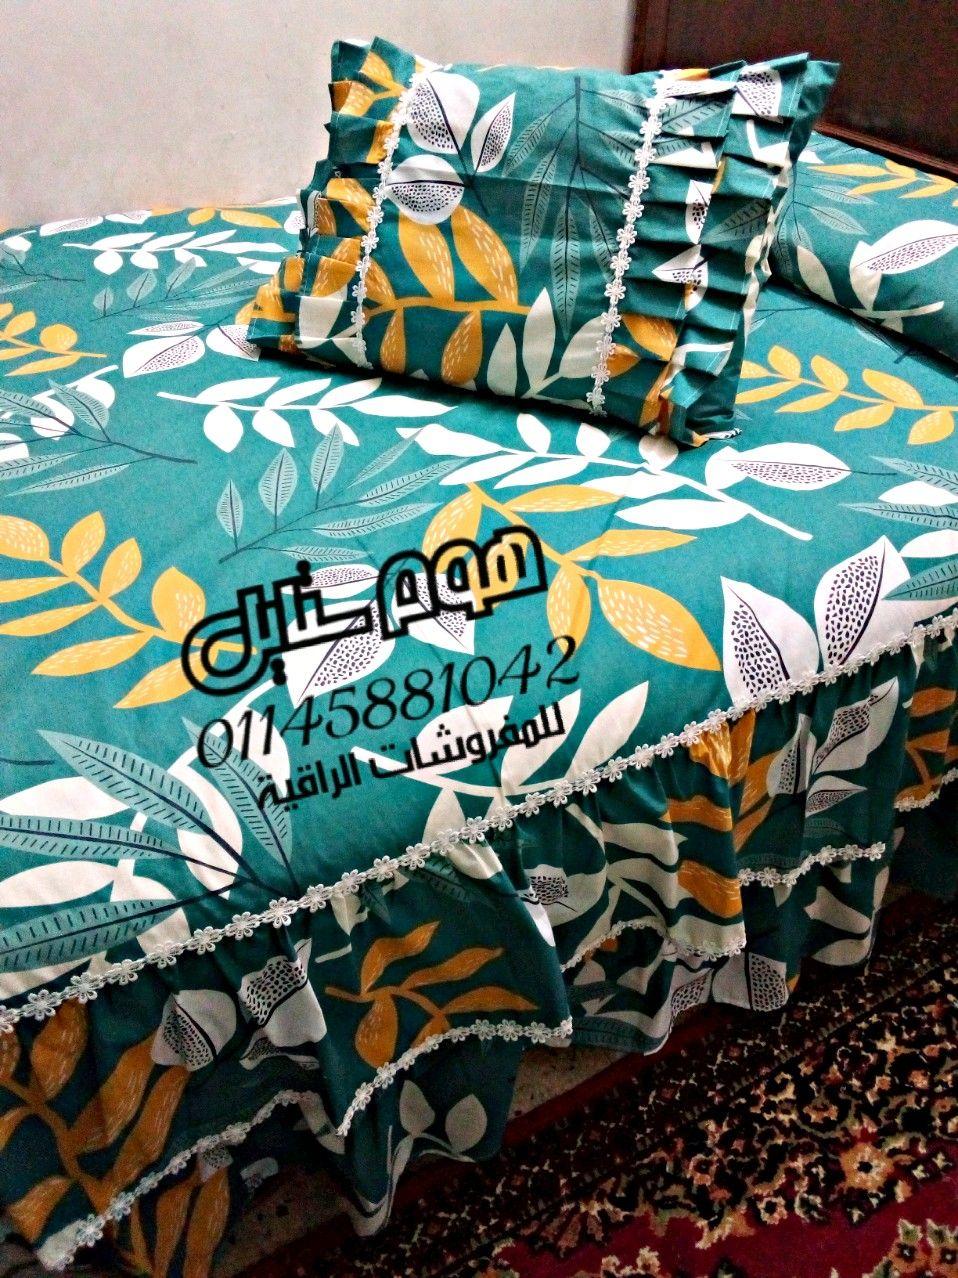 ملايات كورنيش قطن عالى الجودة In 2021 Bed Blanket Comforters